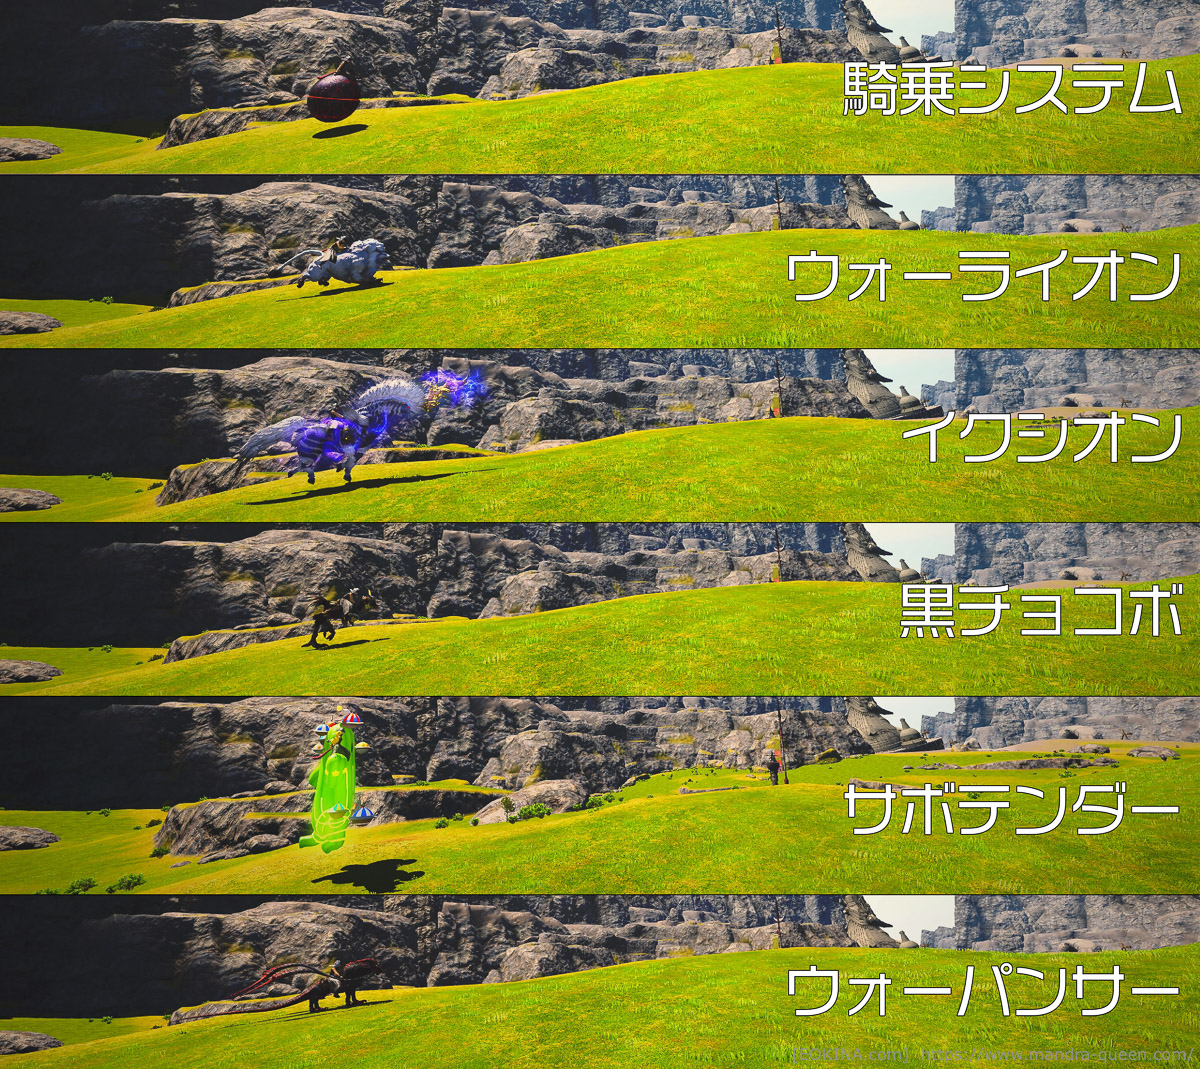 日中のアジムステップでマウント(騎乗システム、ウォーライオン、イクシオン、黒チョコボ、サボテンダーエンペラドール、ウォーパンサー)を比較した画像。